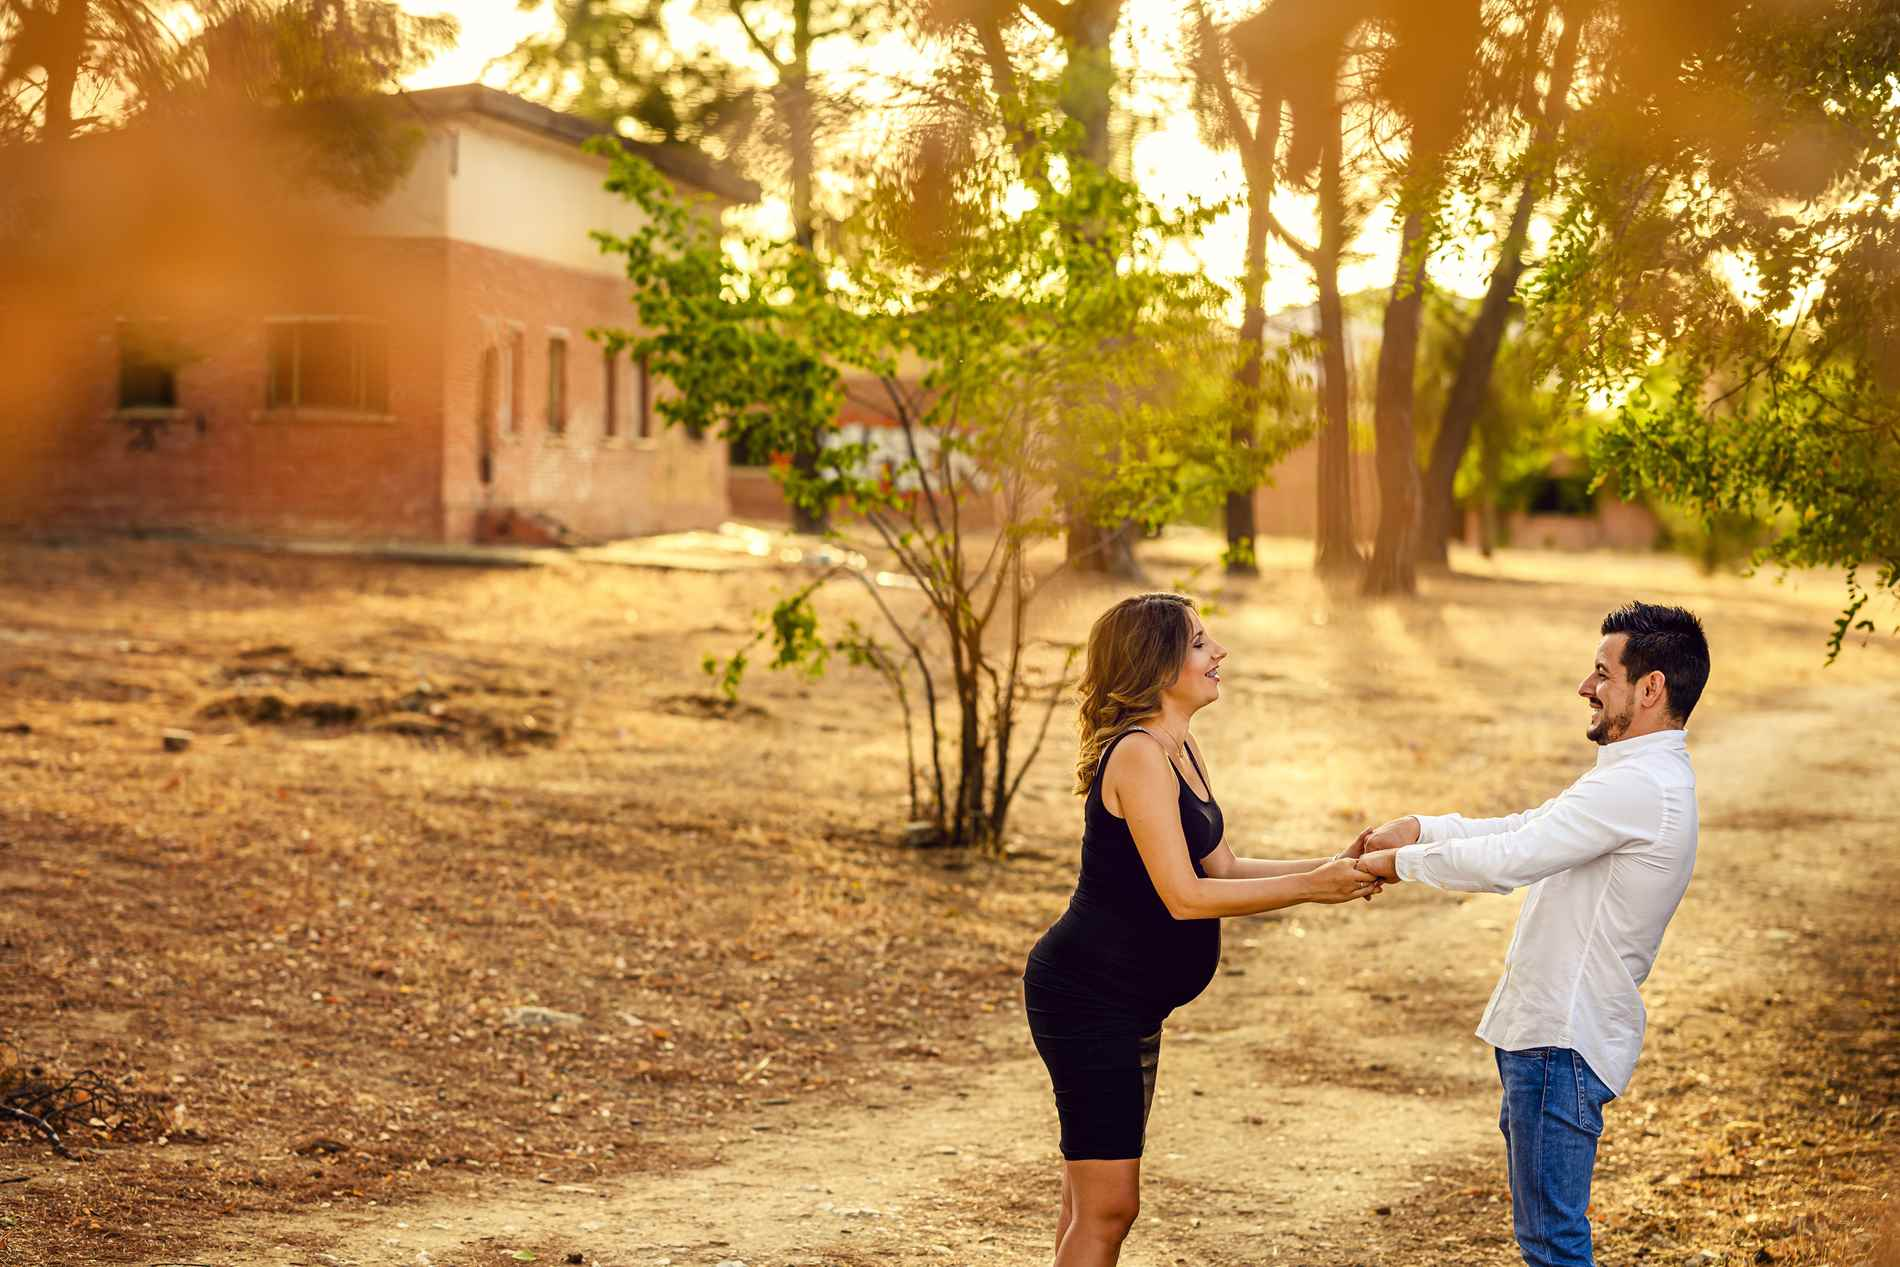 sesion de fotos embarazo en pareja - Sesión de fotos para embarazadas - Fotografía premamá